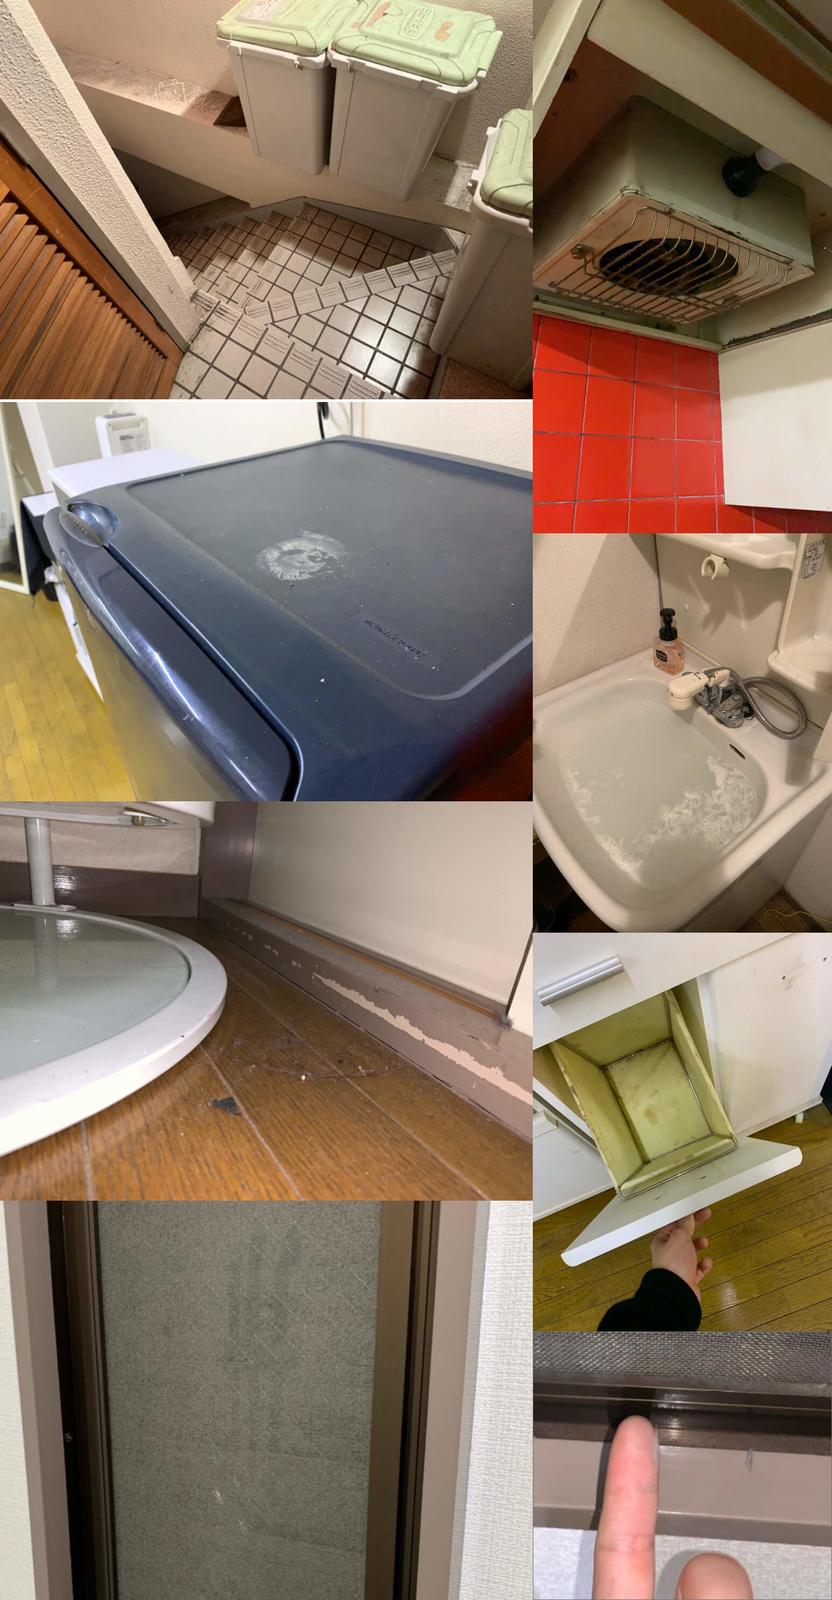 汚過ぎるAirbnbの両国物件。「当社の清掃基準」は満たしているそうです 笑